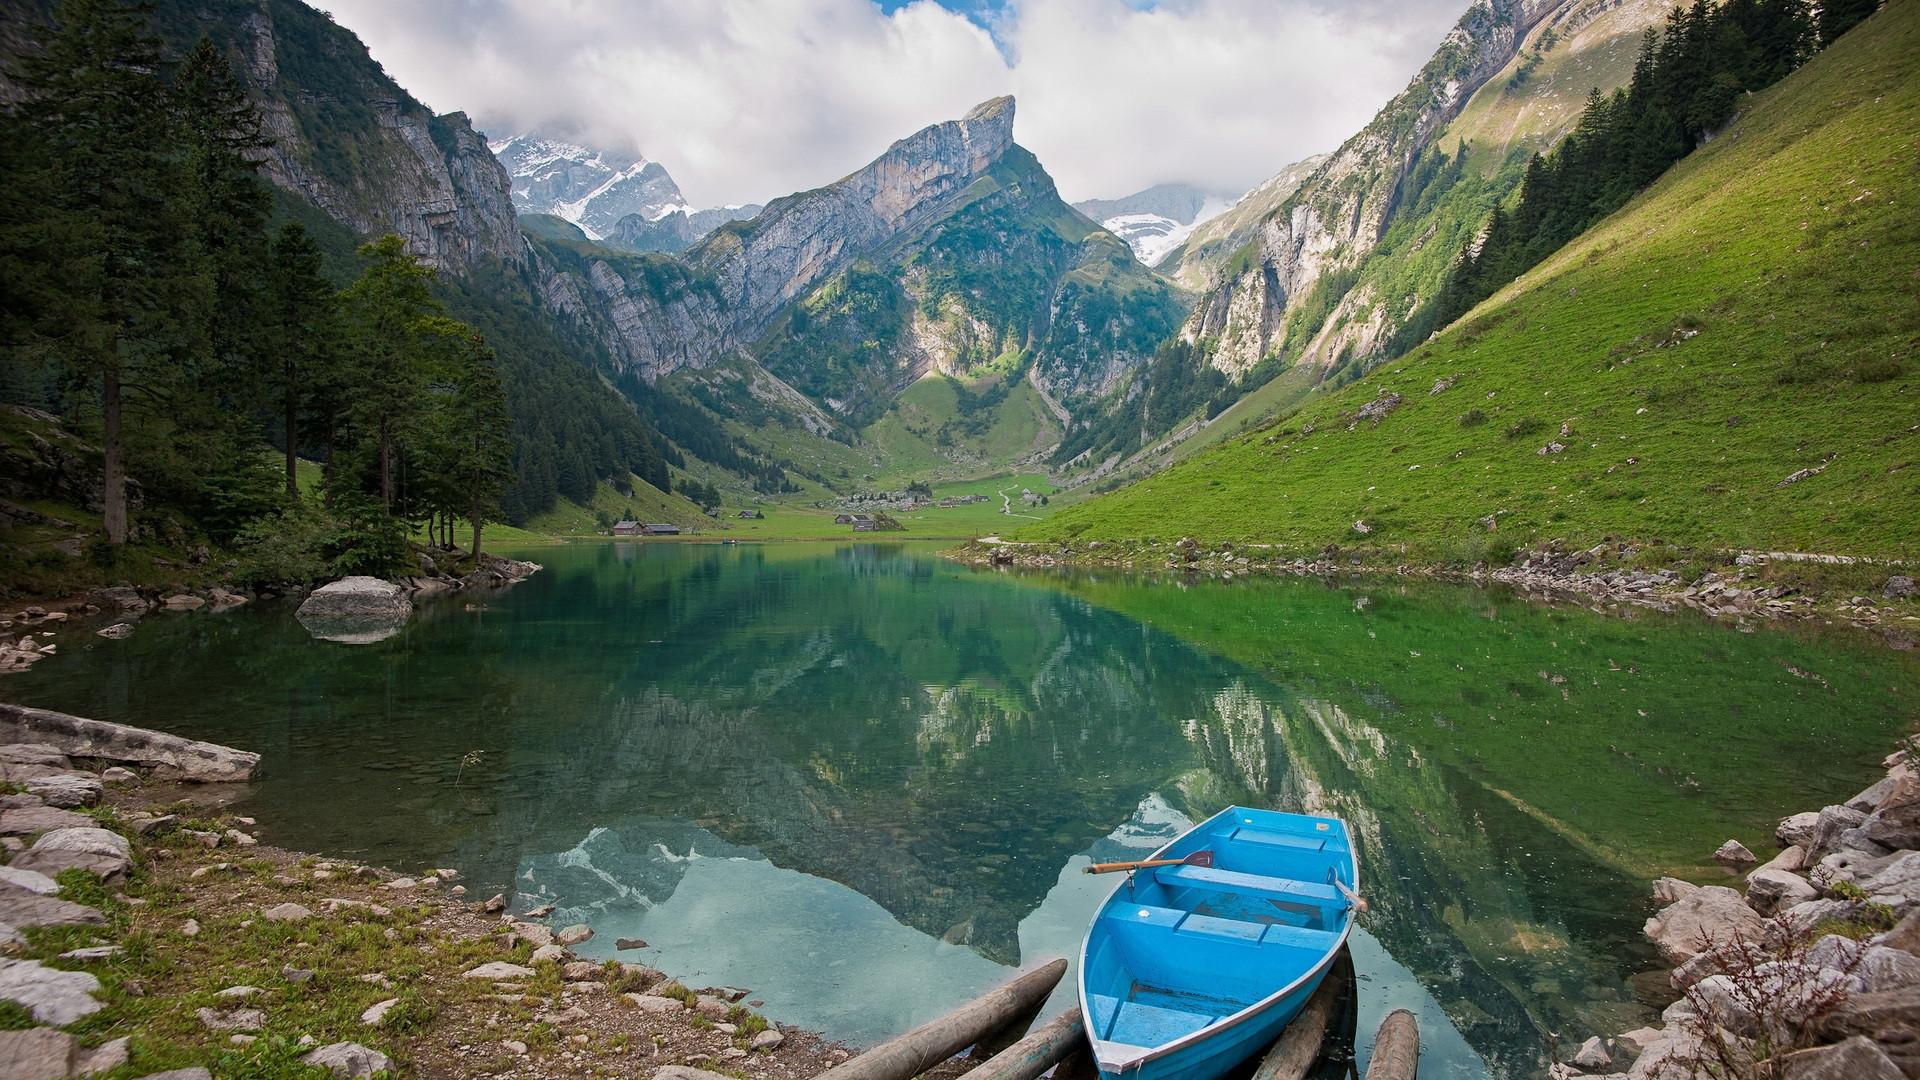 mountain lake wallpaper 1920x1080 - photo #17